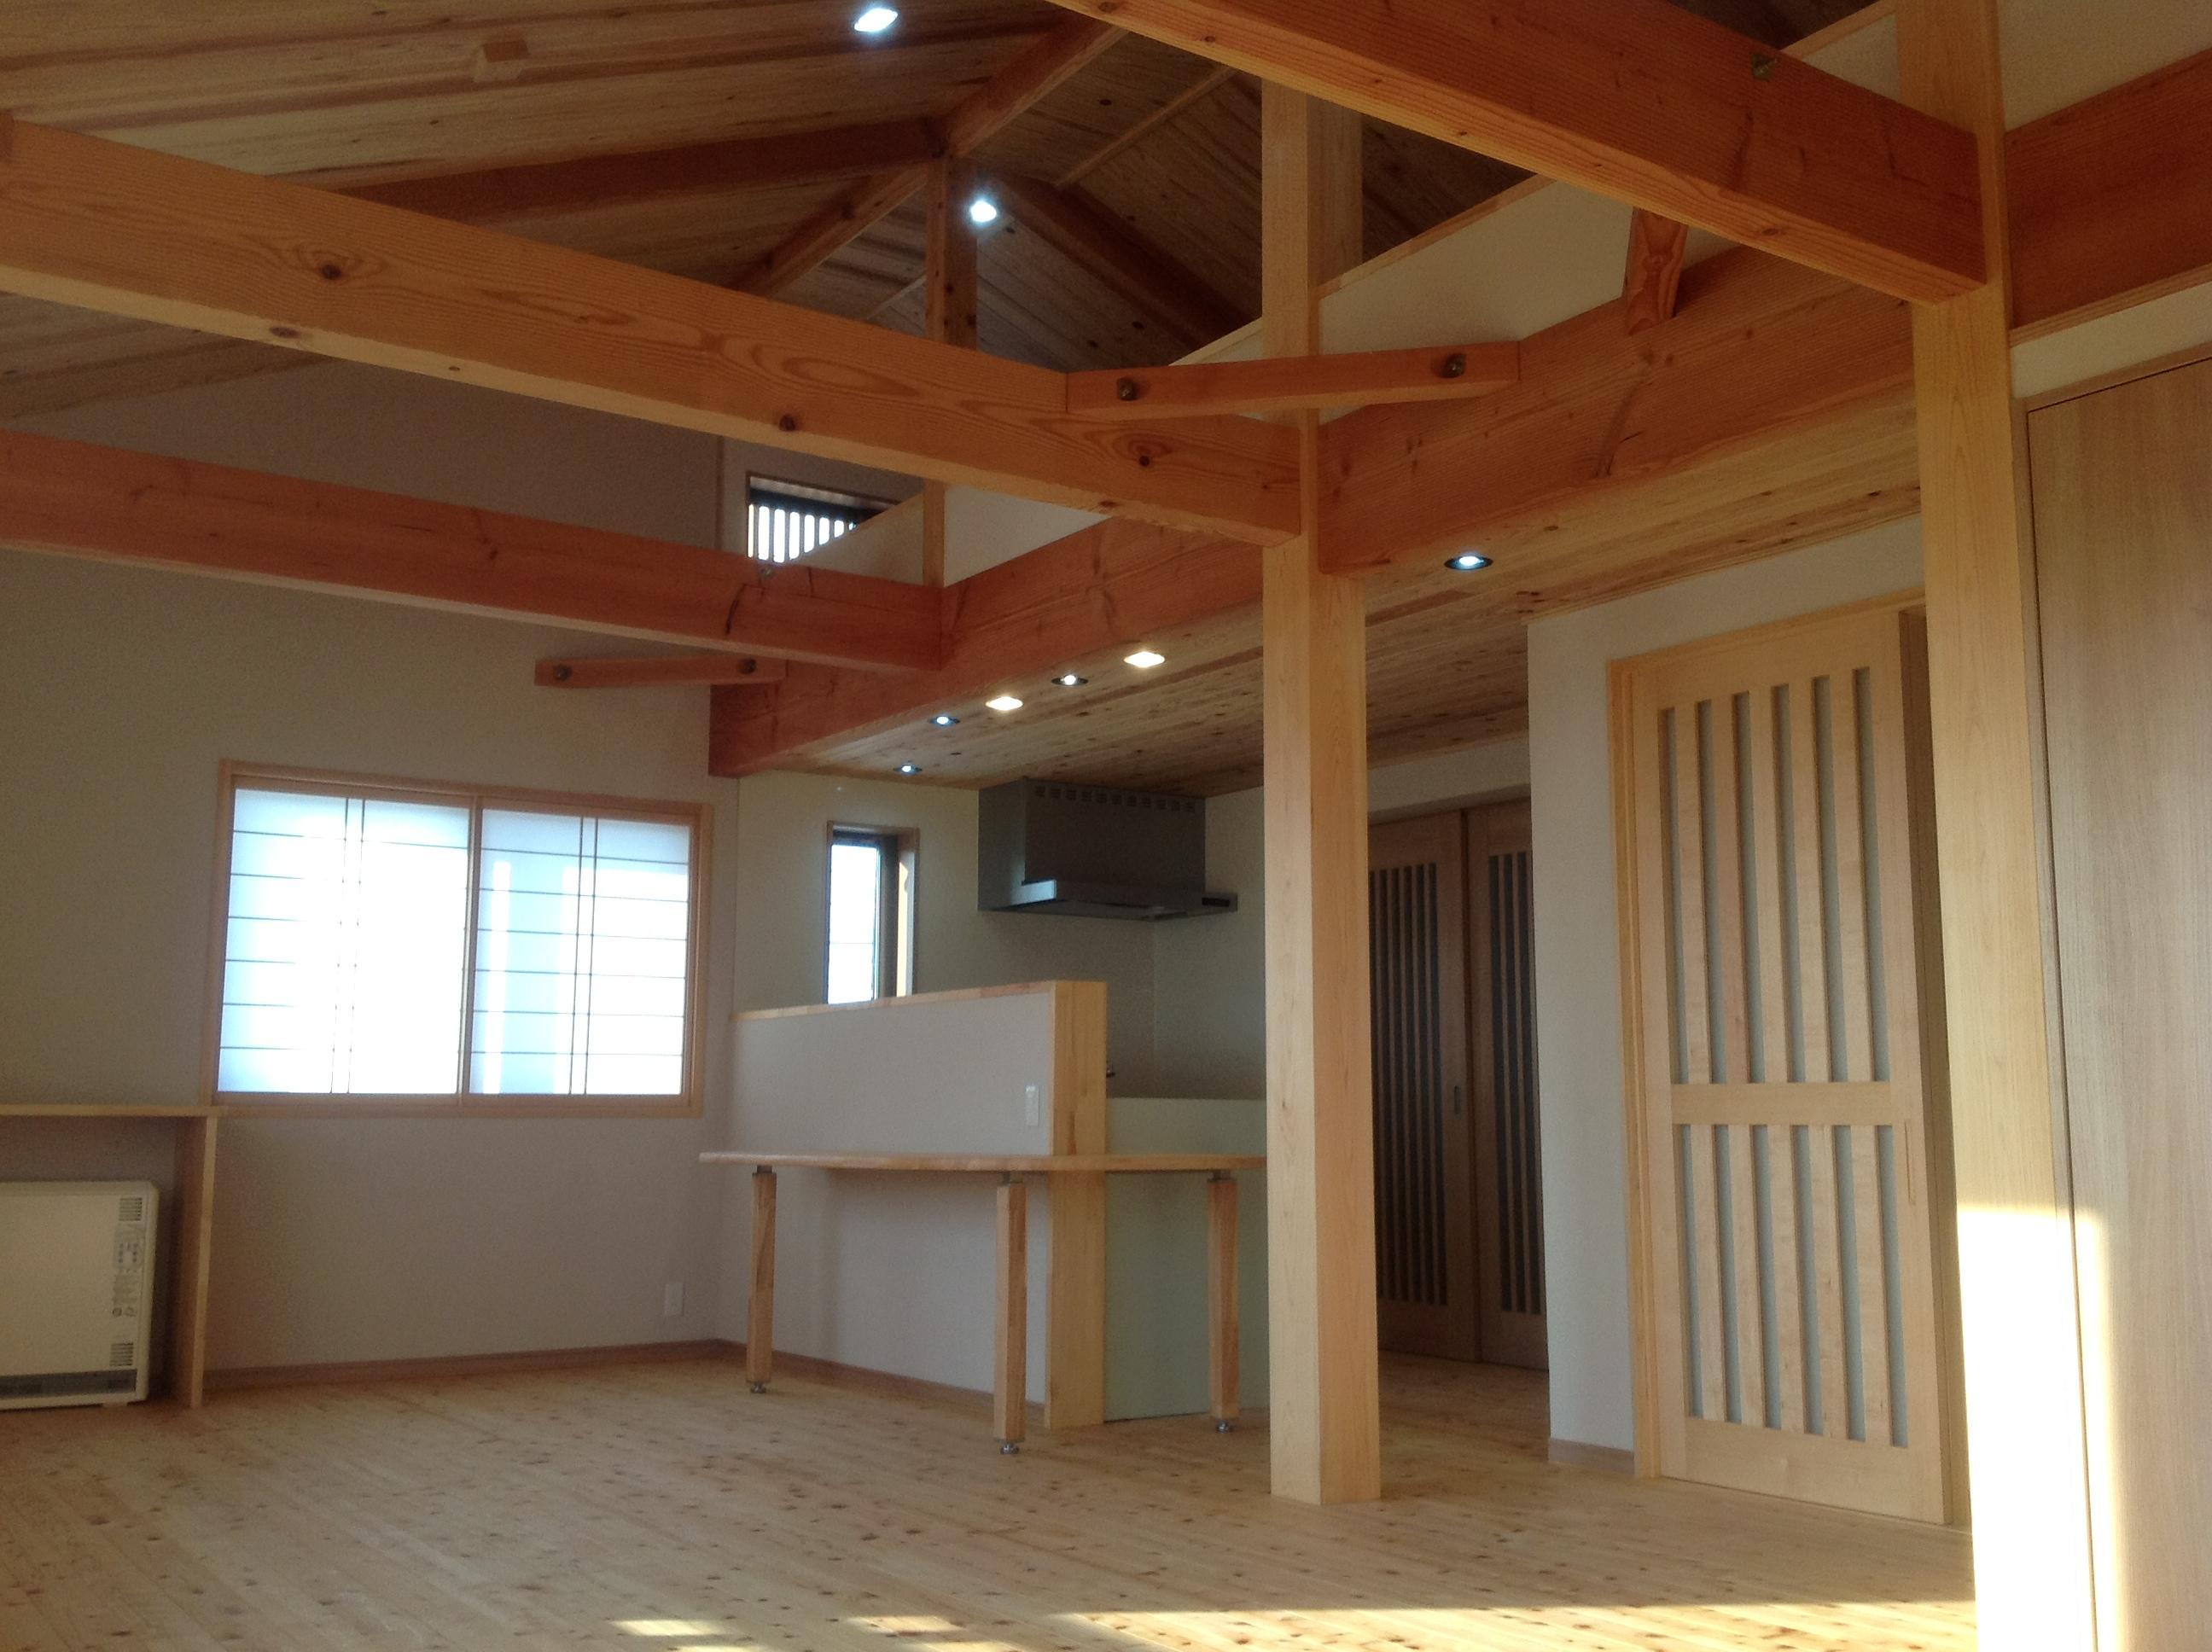 【リビング】二本の桧大黒柱がお家を支えます。